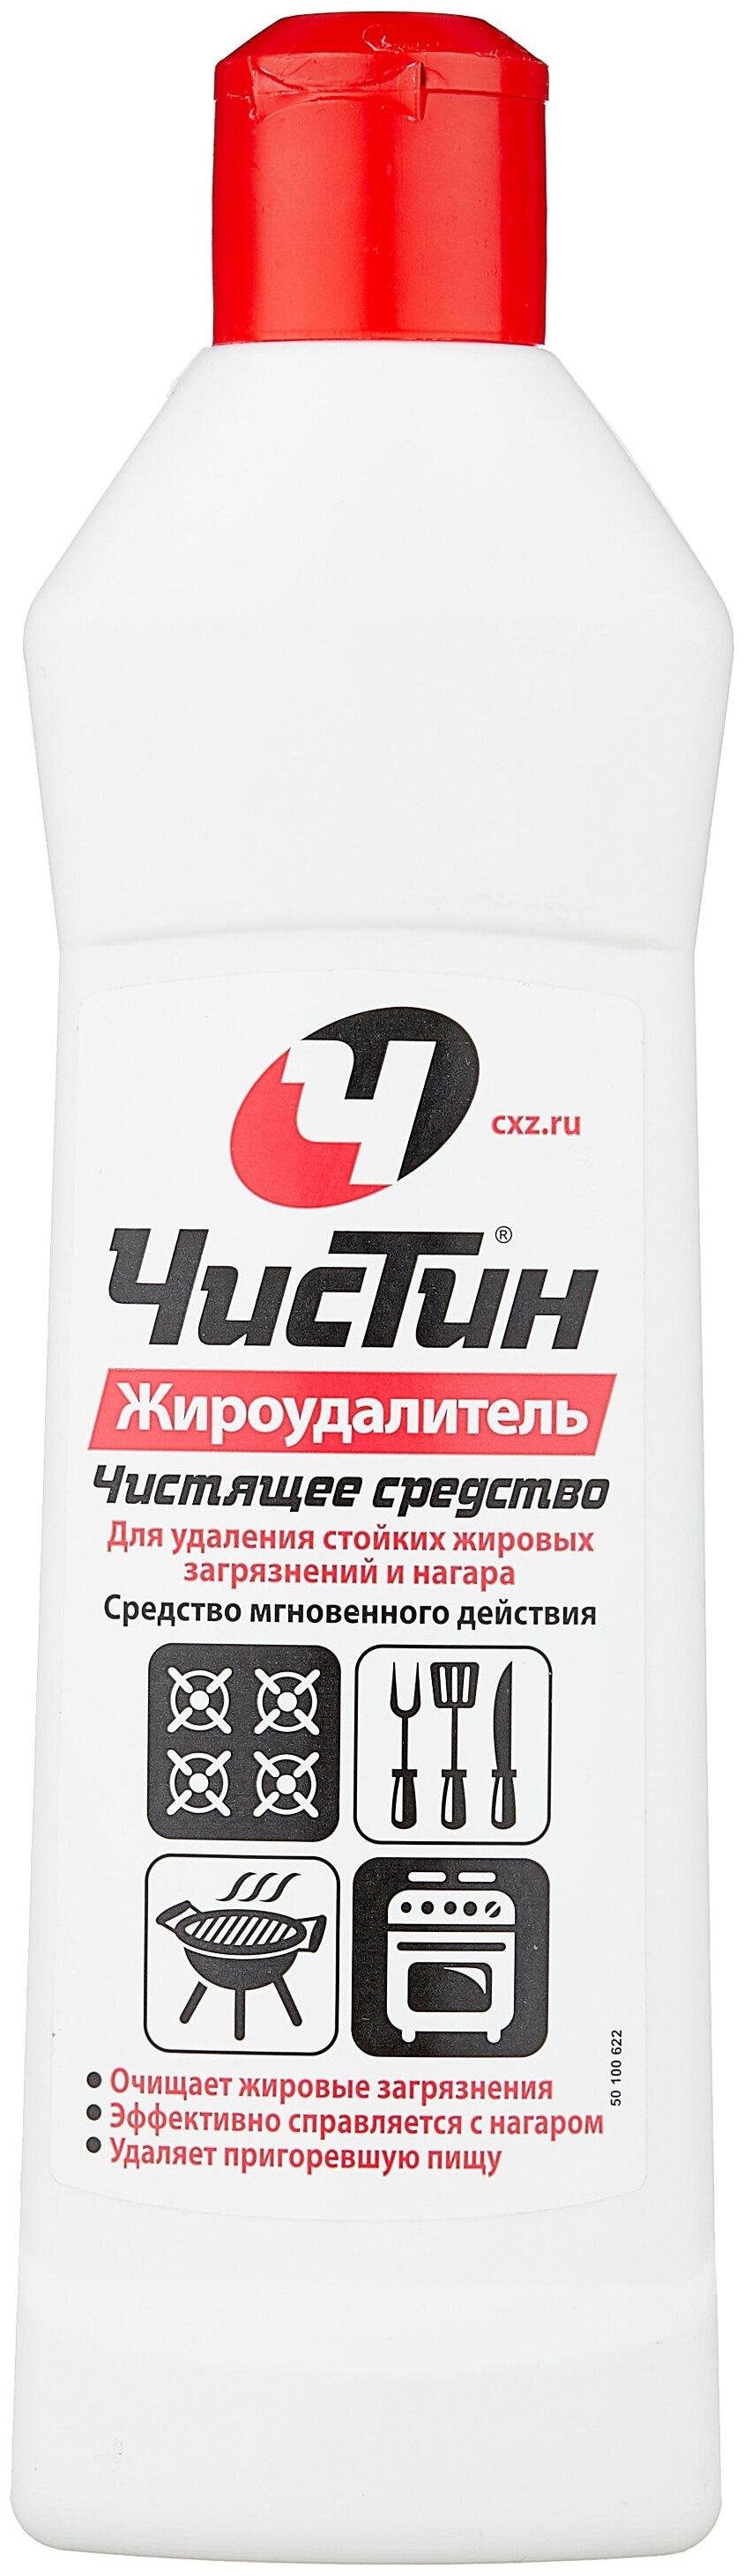 Гель для кухни Жироудалитель ЧИСТИН — купить по выгодной цене на Яндекс.Маркете